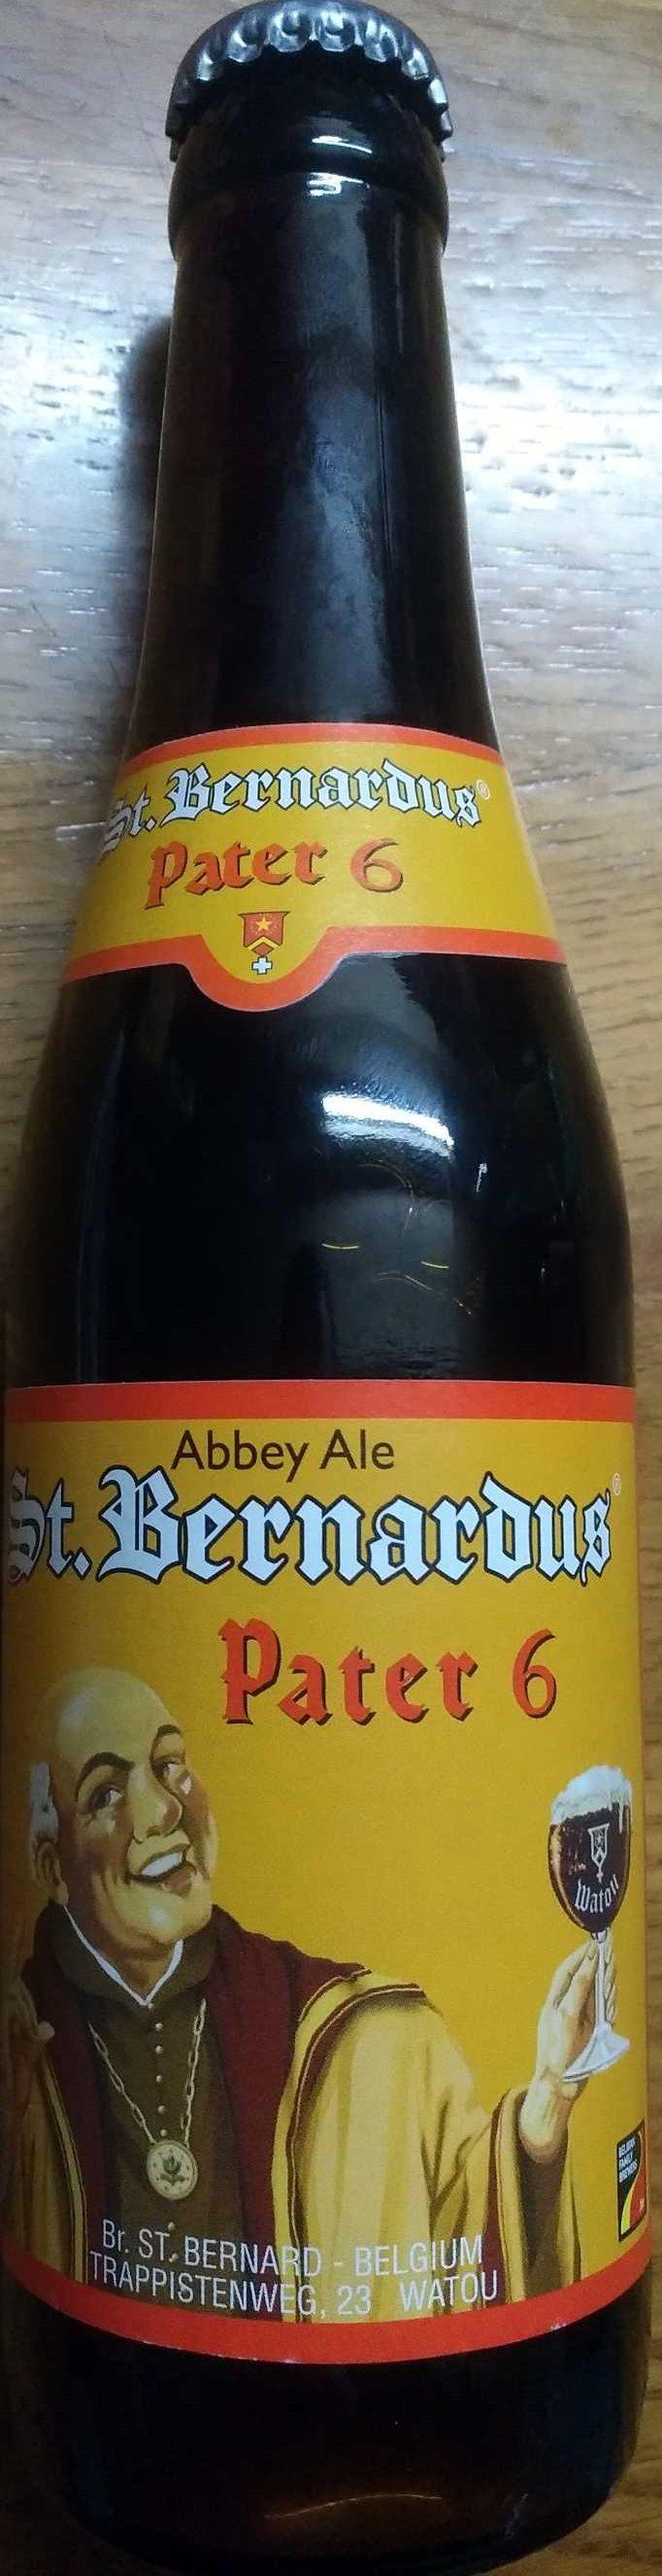 Bière d'abbaye Saint Bernardus Pater 6  6,7% - Produit - fr